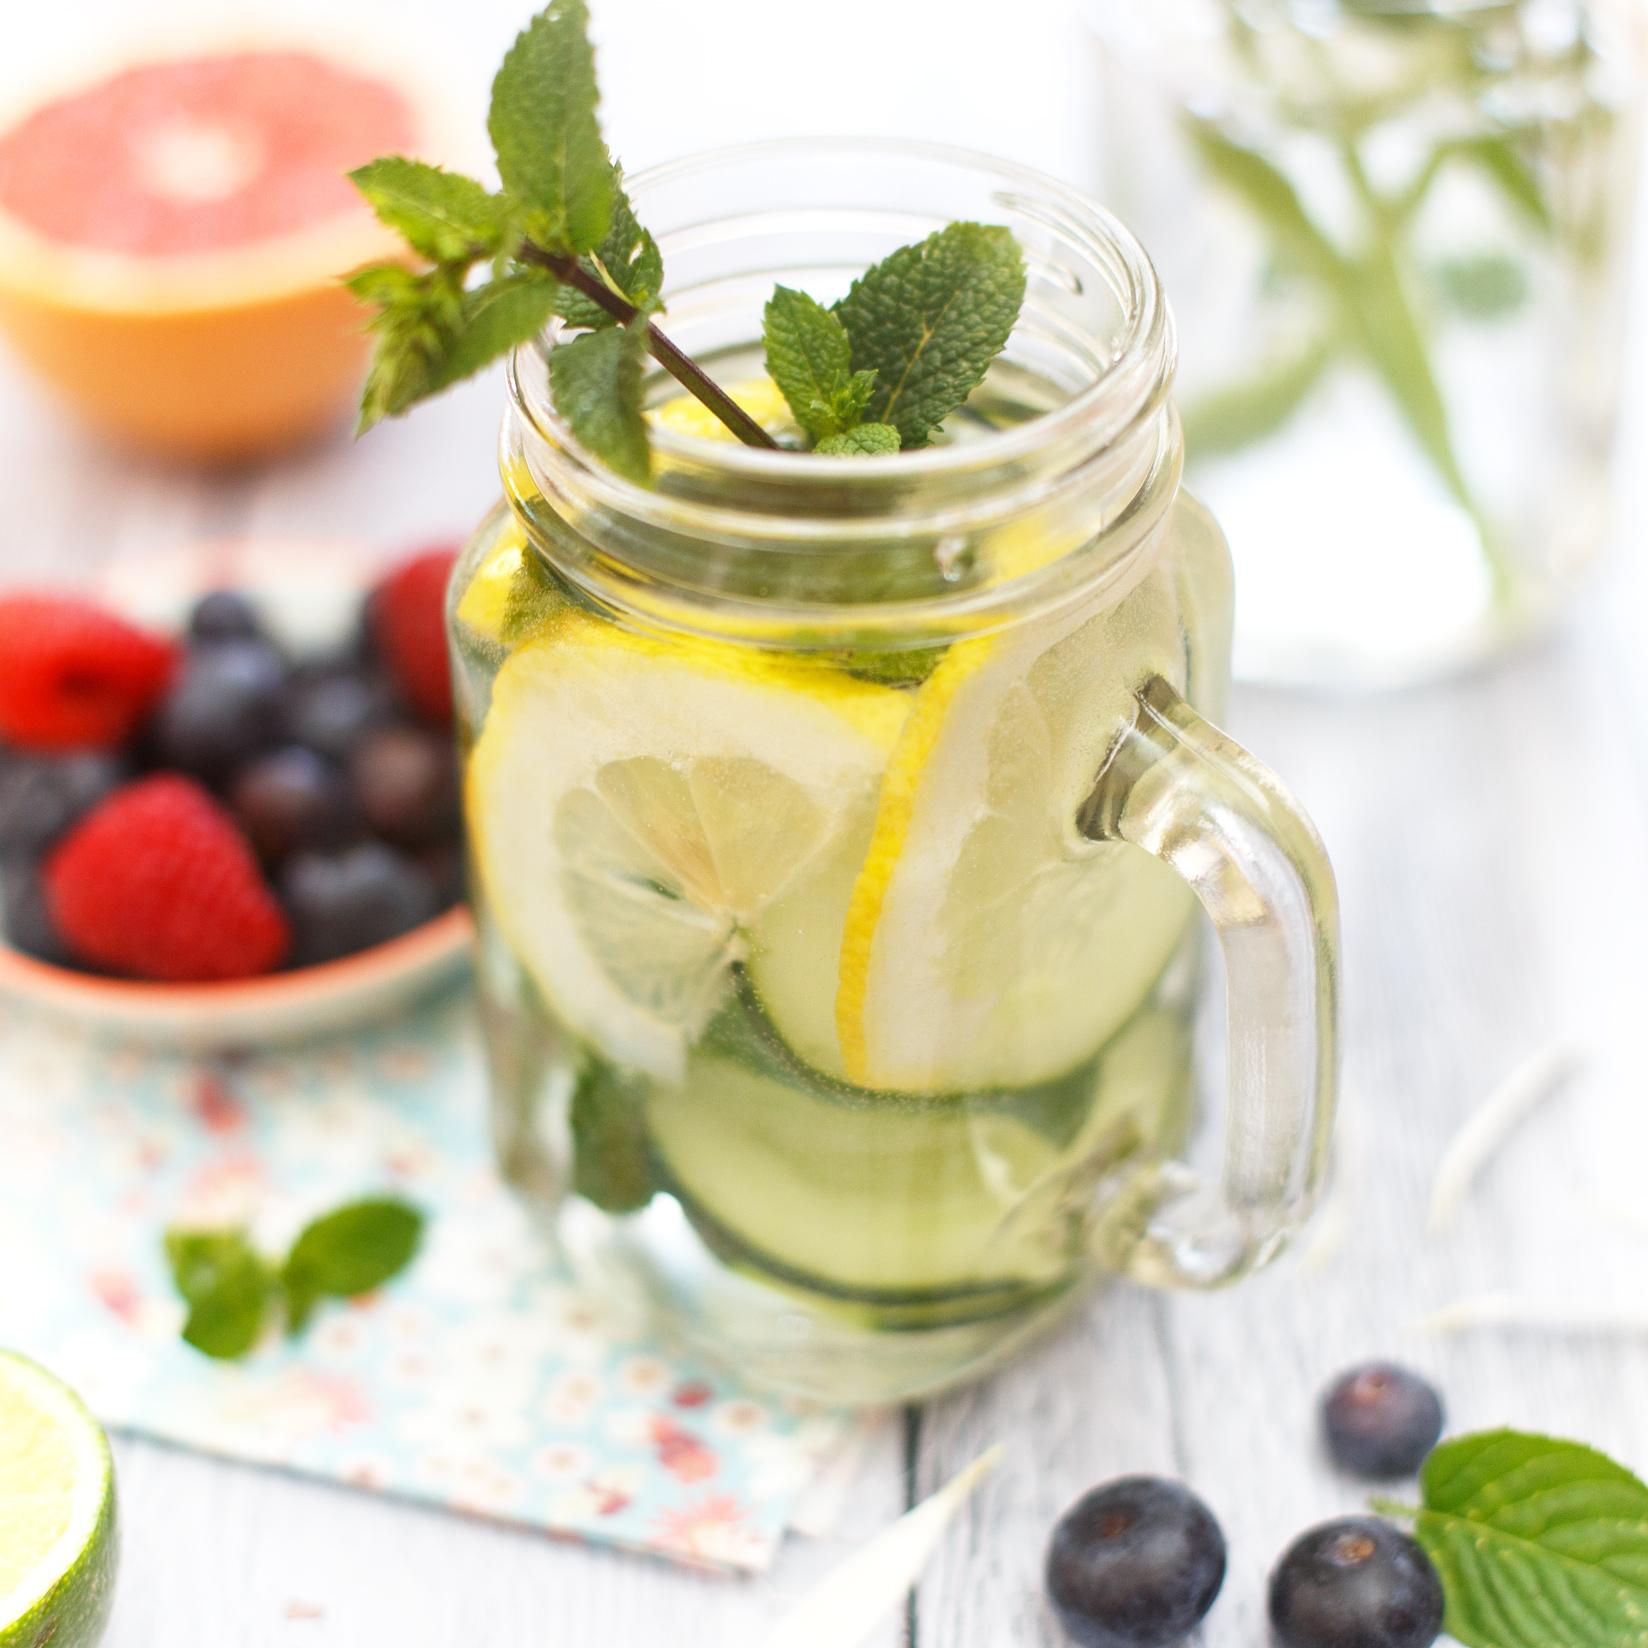 Acqua aromatizzata con limone, menta e frutta fresca